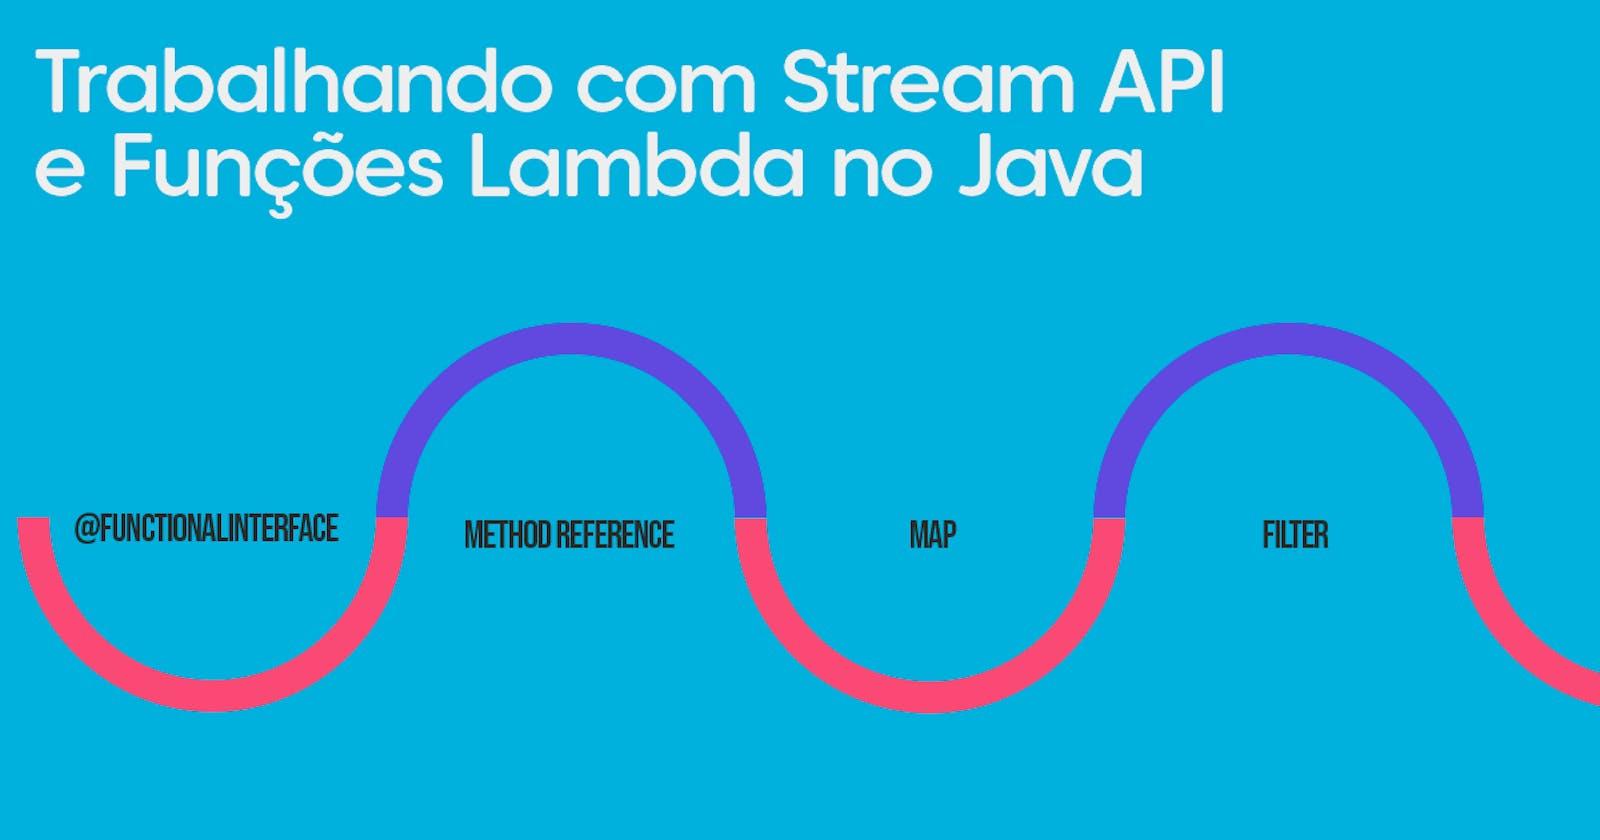 Trabalhando com Stream API e Funções Lambda no Java